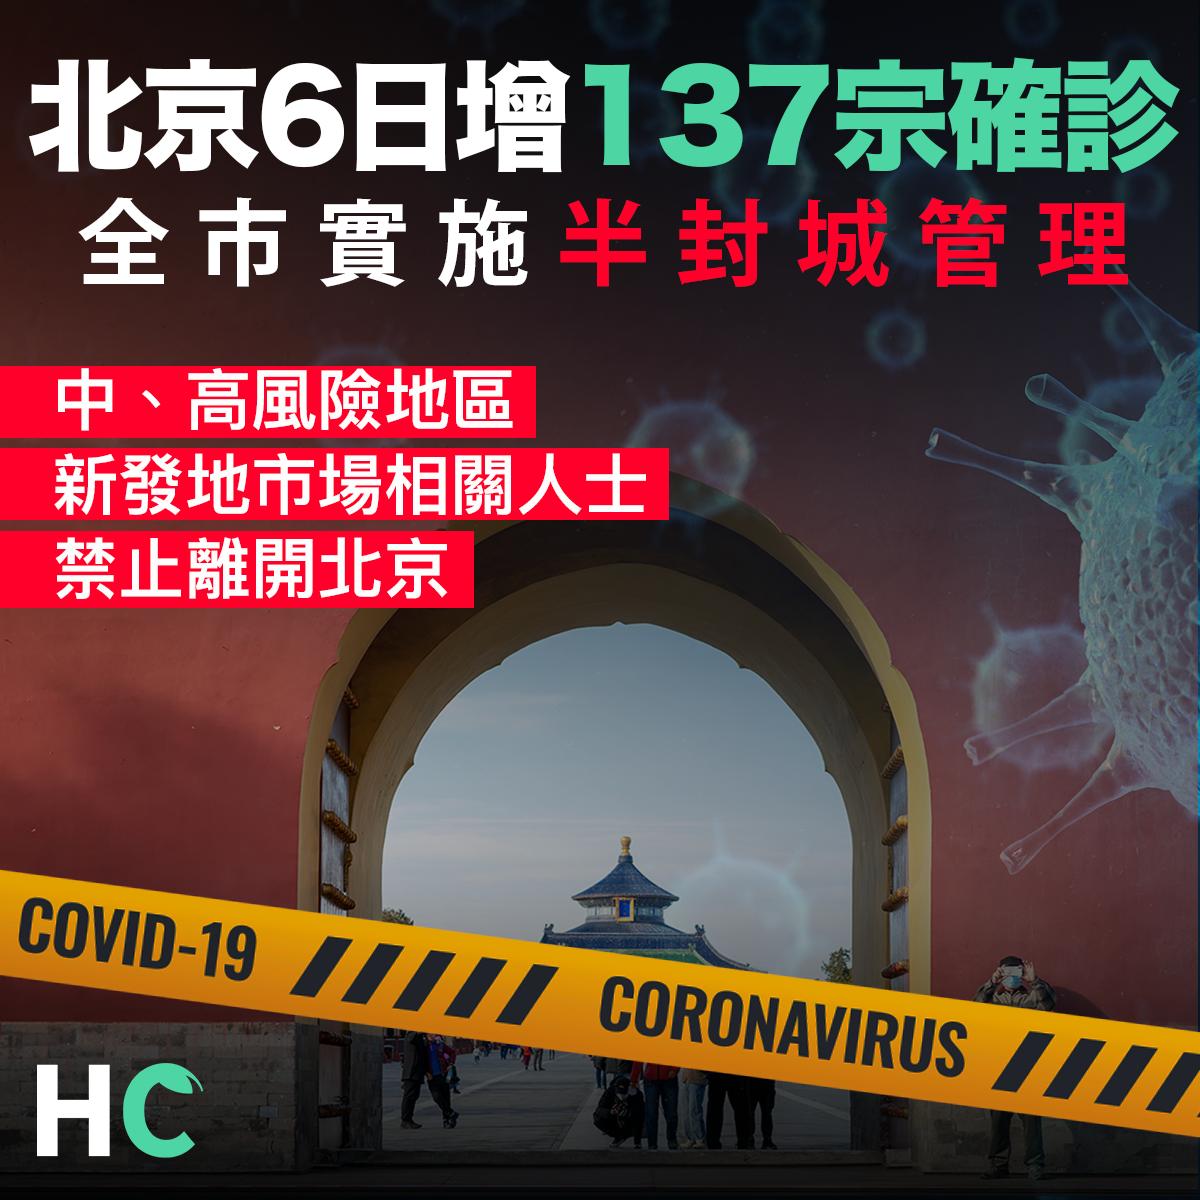 【#新型肺炎】北京6日增137宗確診 全市實施半封城管理